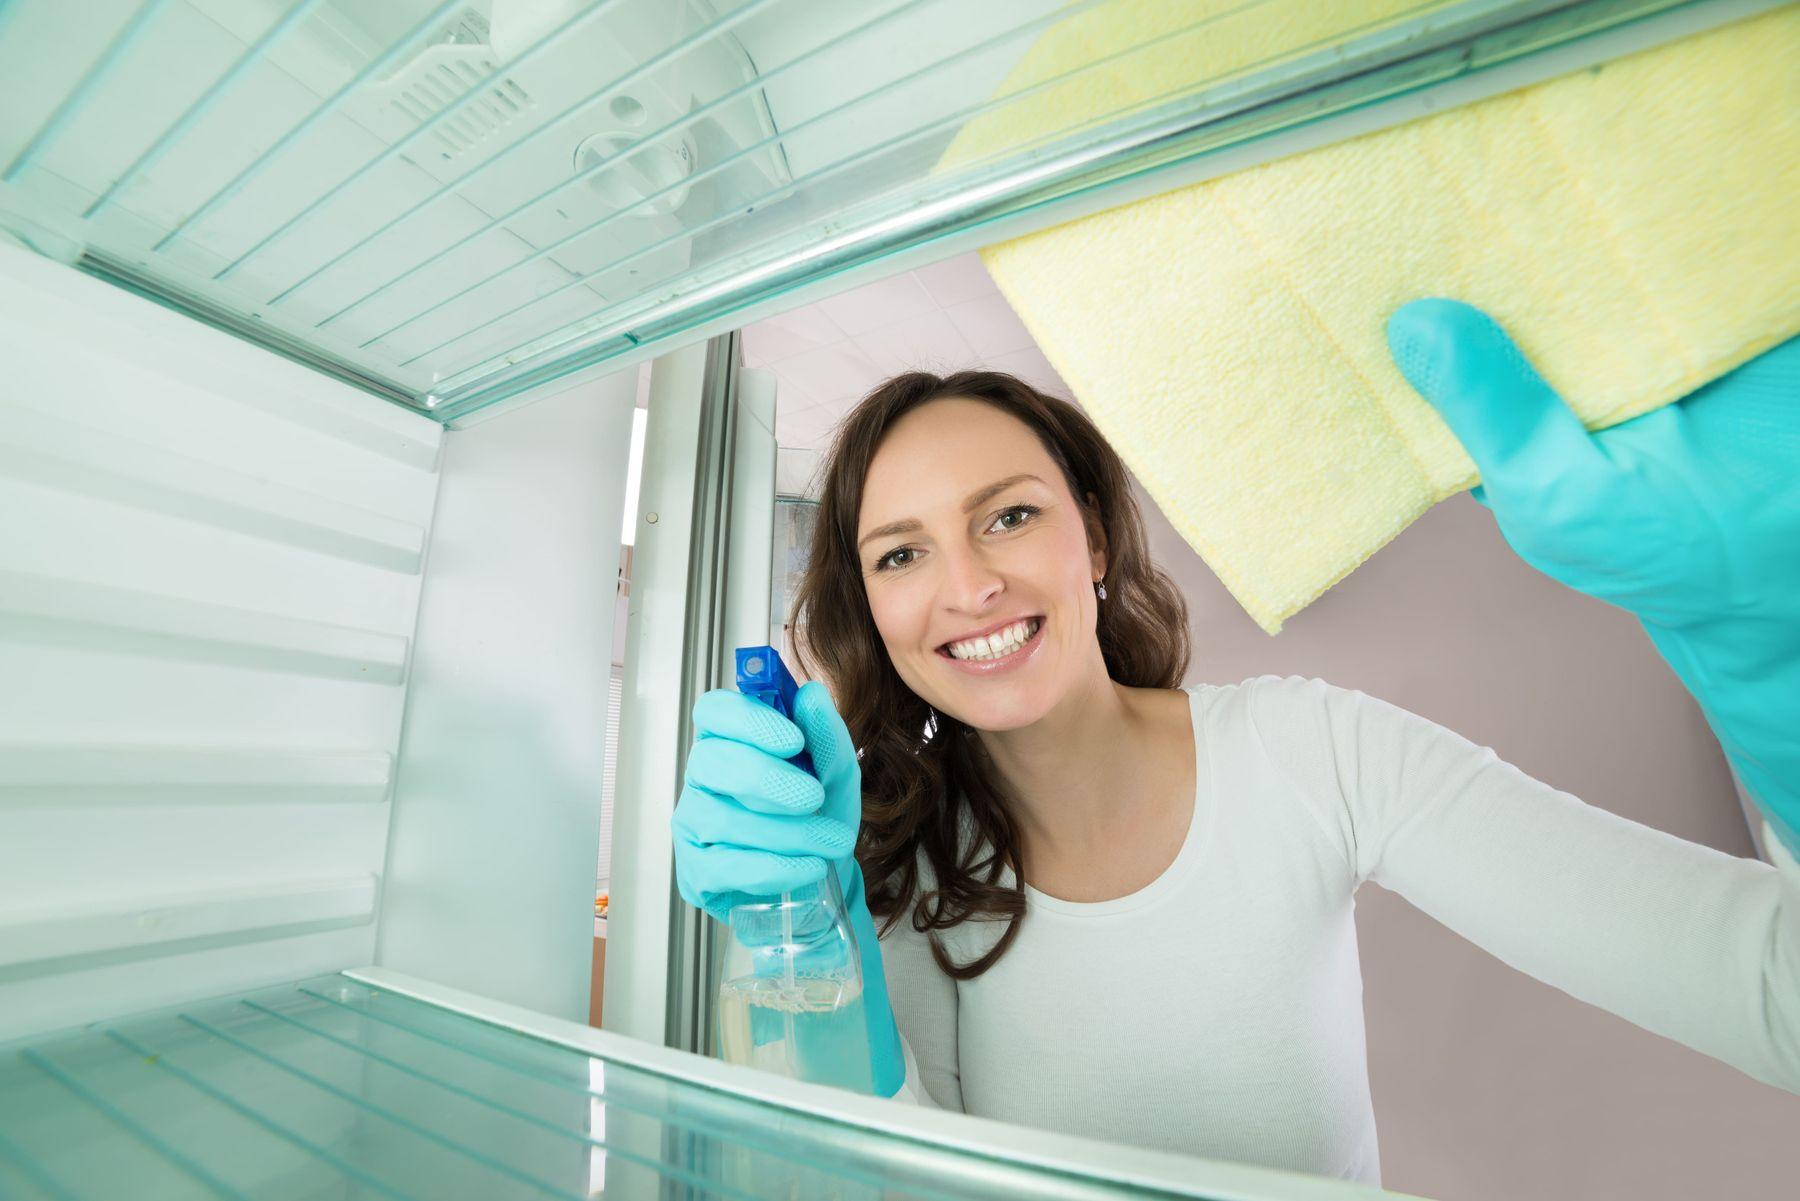 lau dọn vệ sinh bên trong tủ lạnh